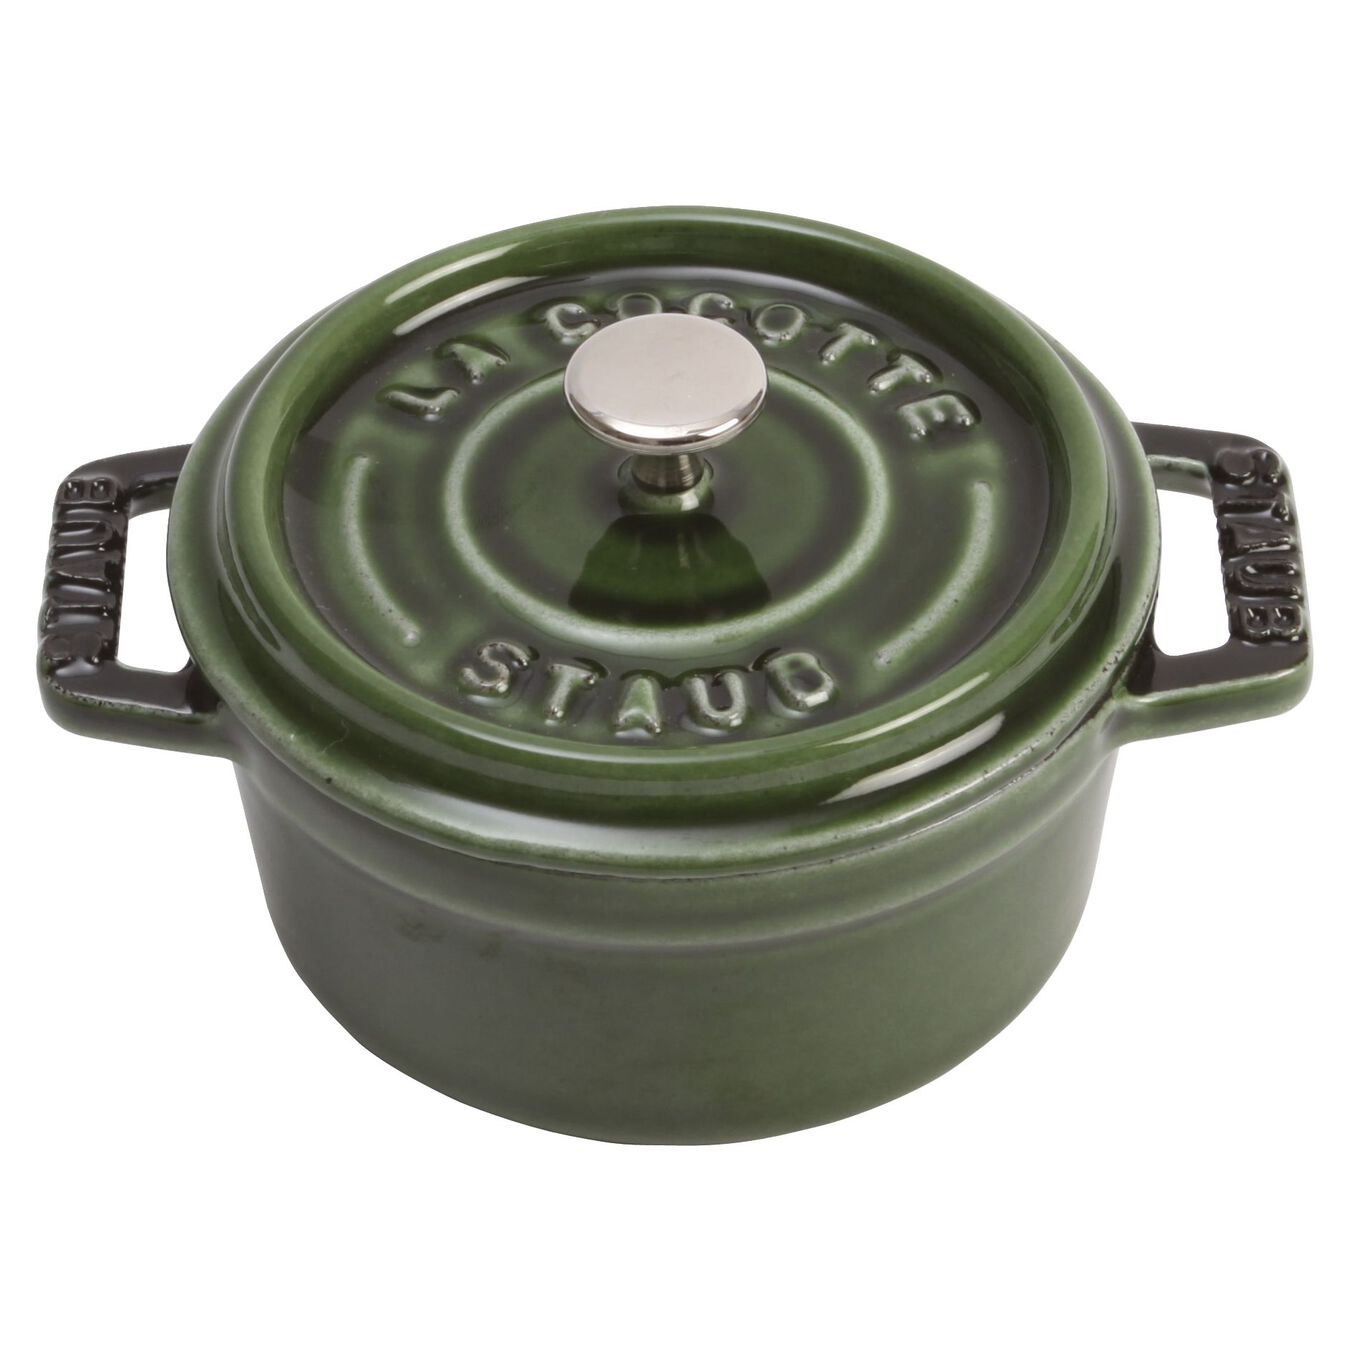 0.25-qt Mini Round Cocotte - Basil,,large 1